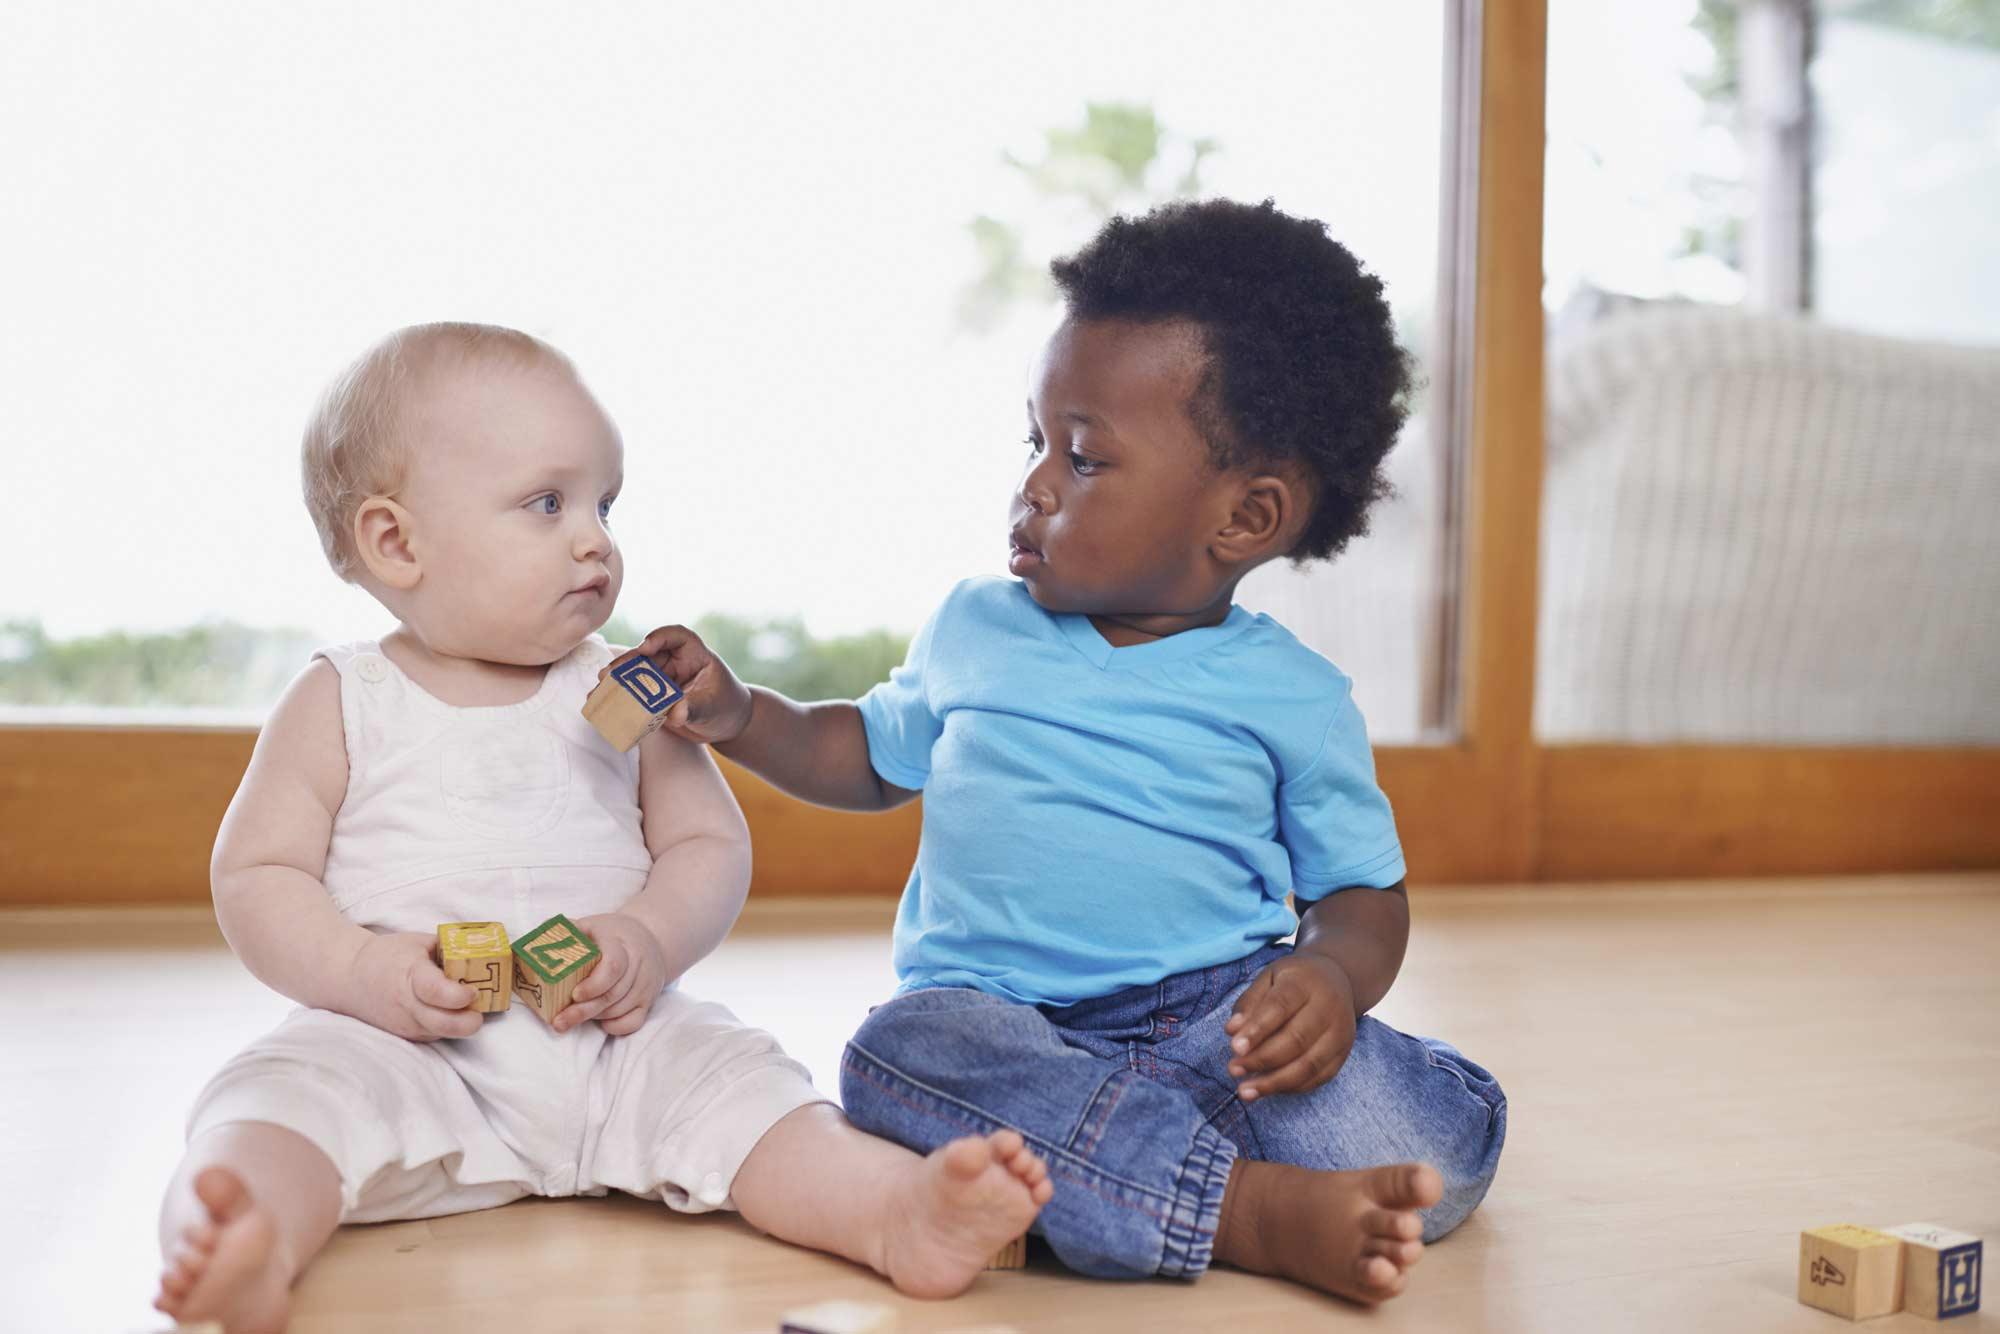 Babies sharing